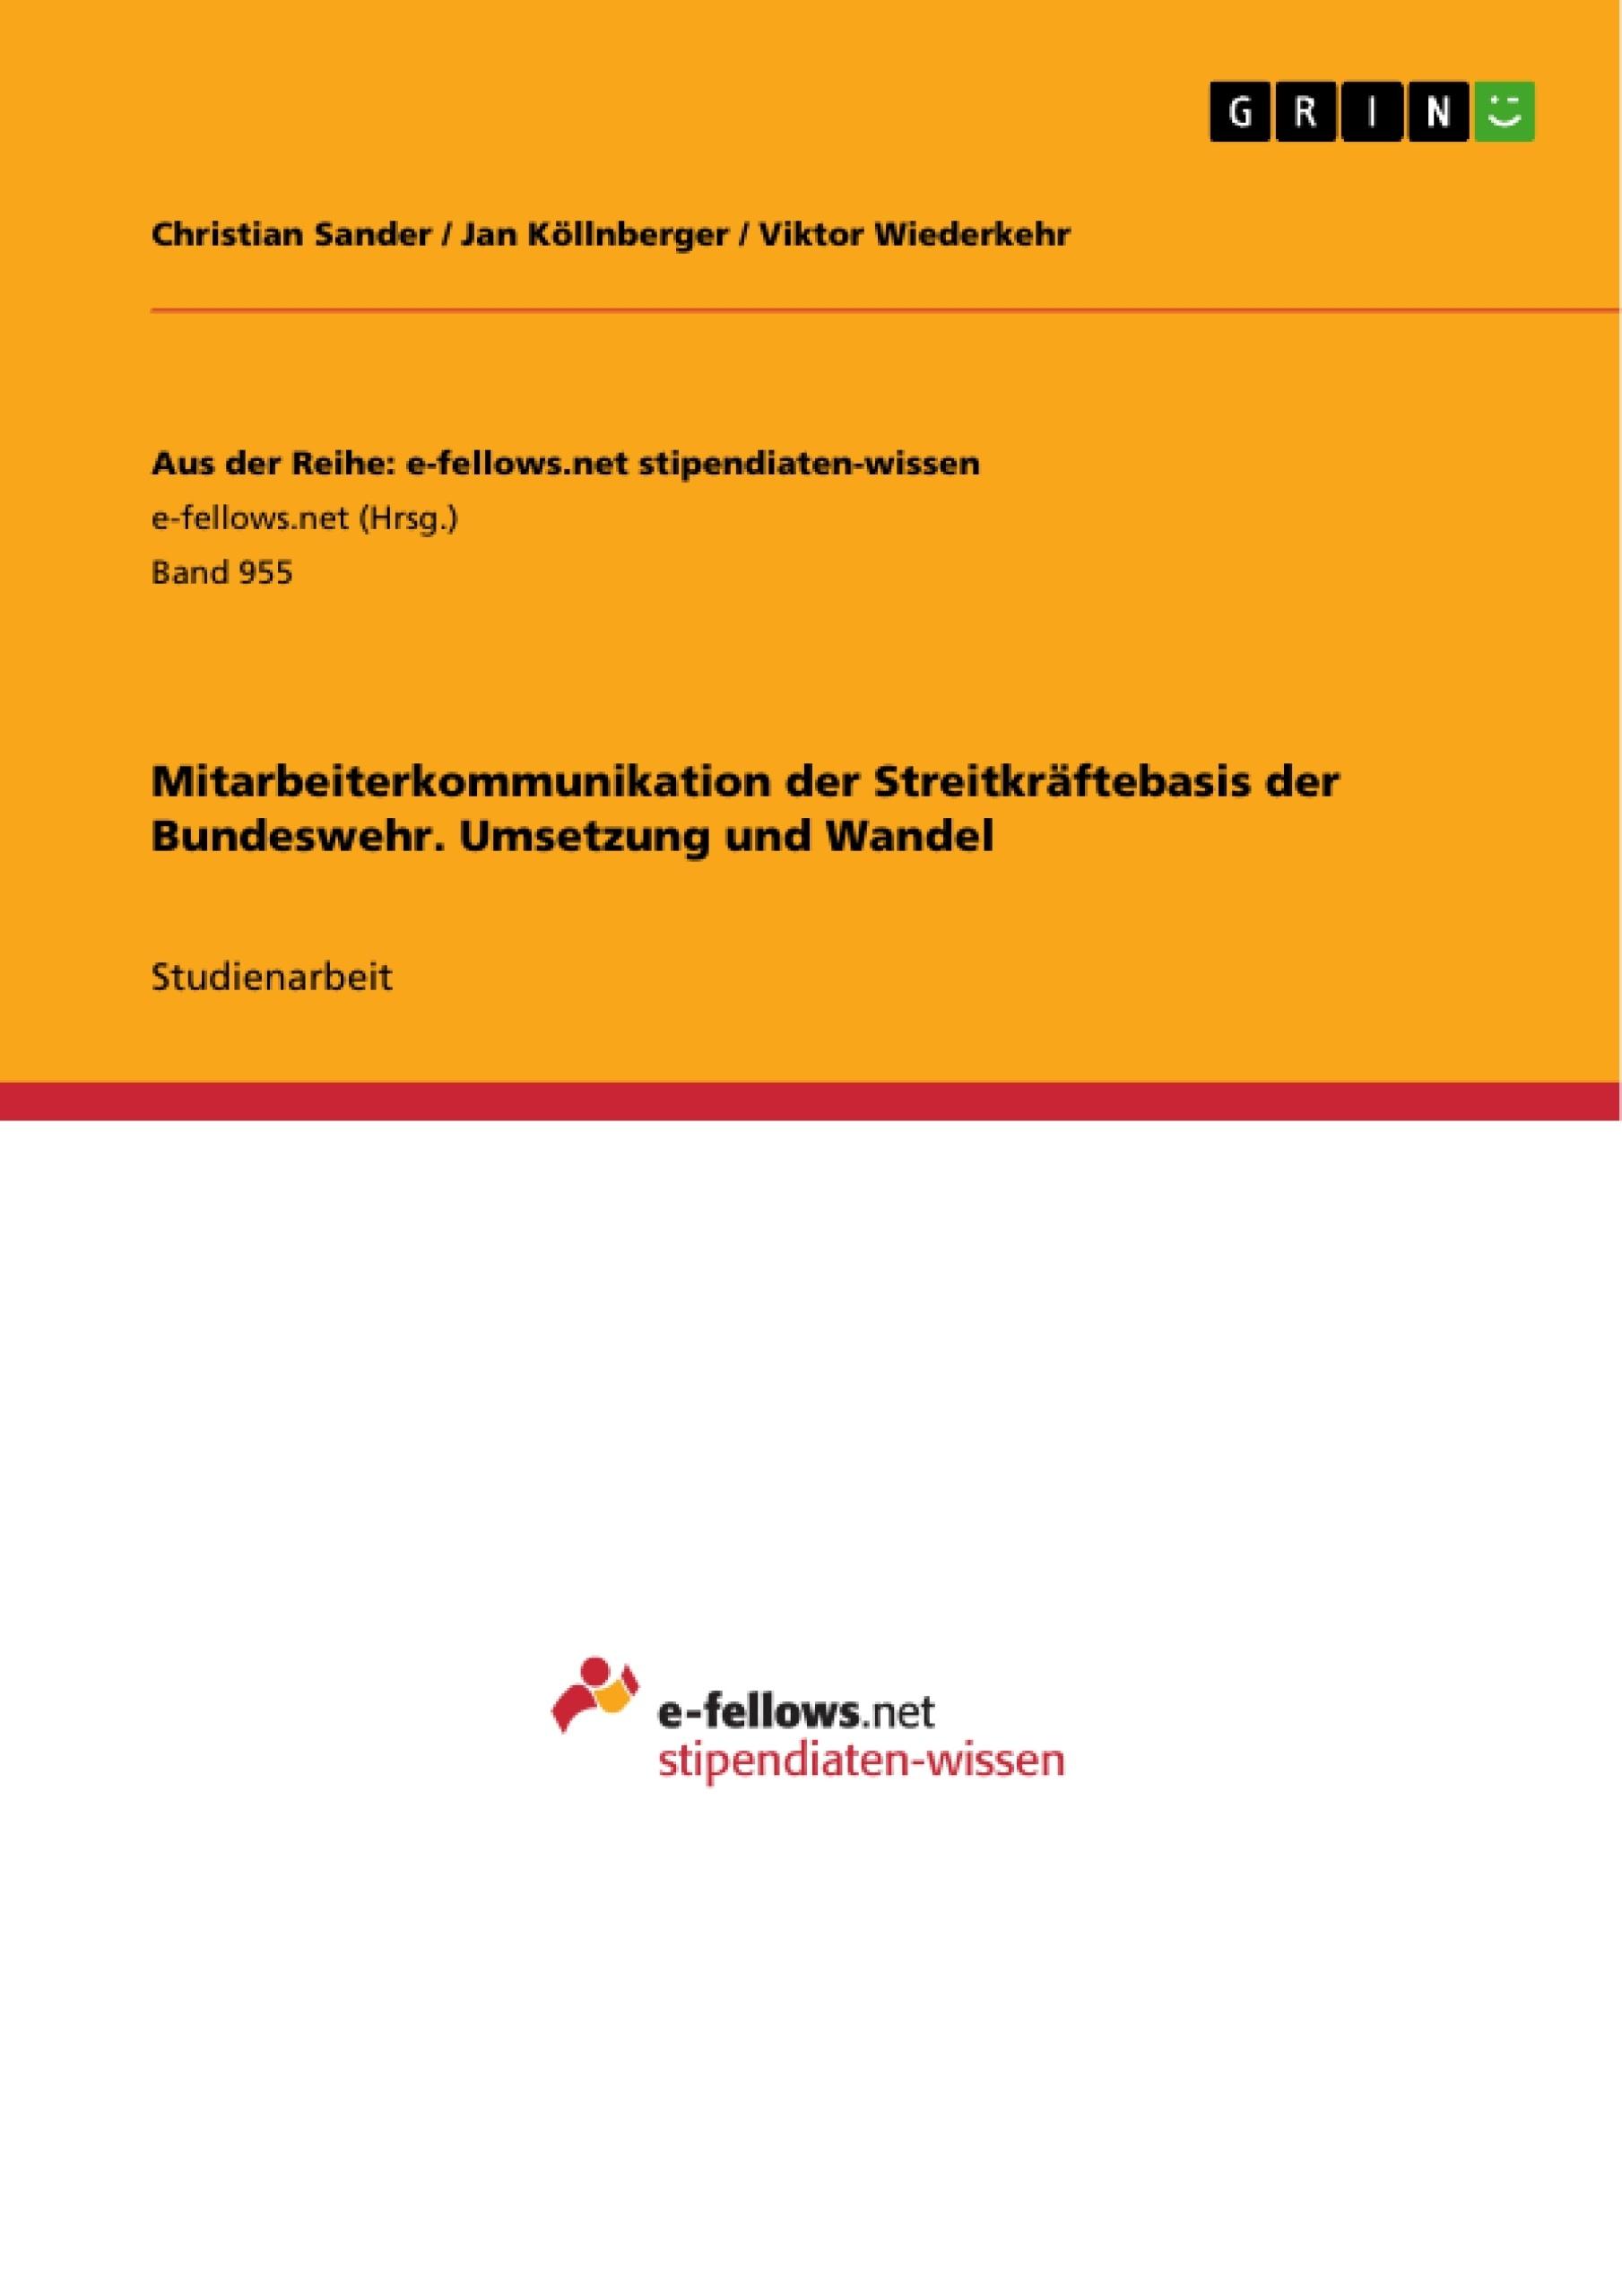 Titel: Mitarbeiterkommunikation der Streitkräftebasis der Bundeswehr. Umsetzung und Wandel